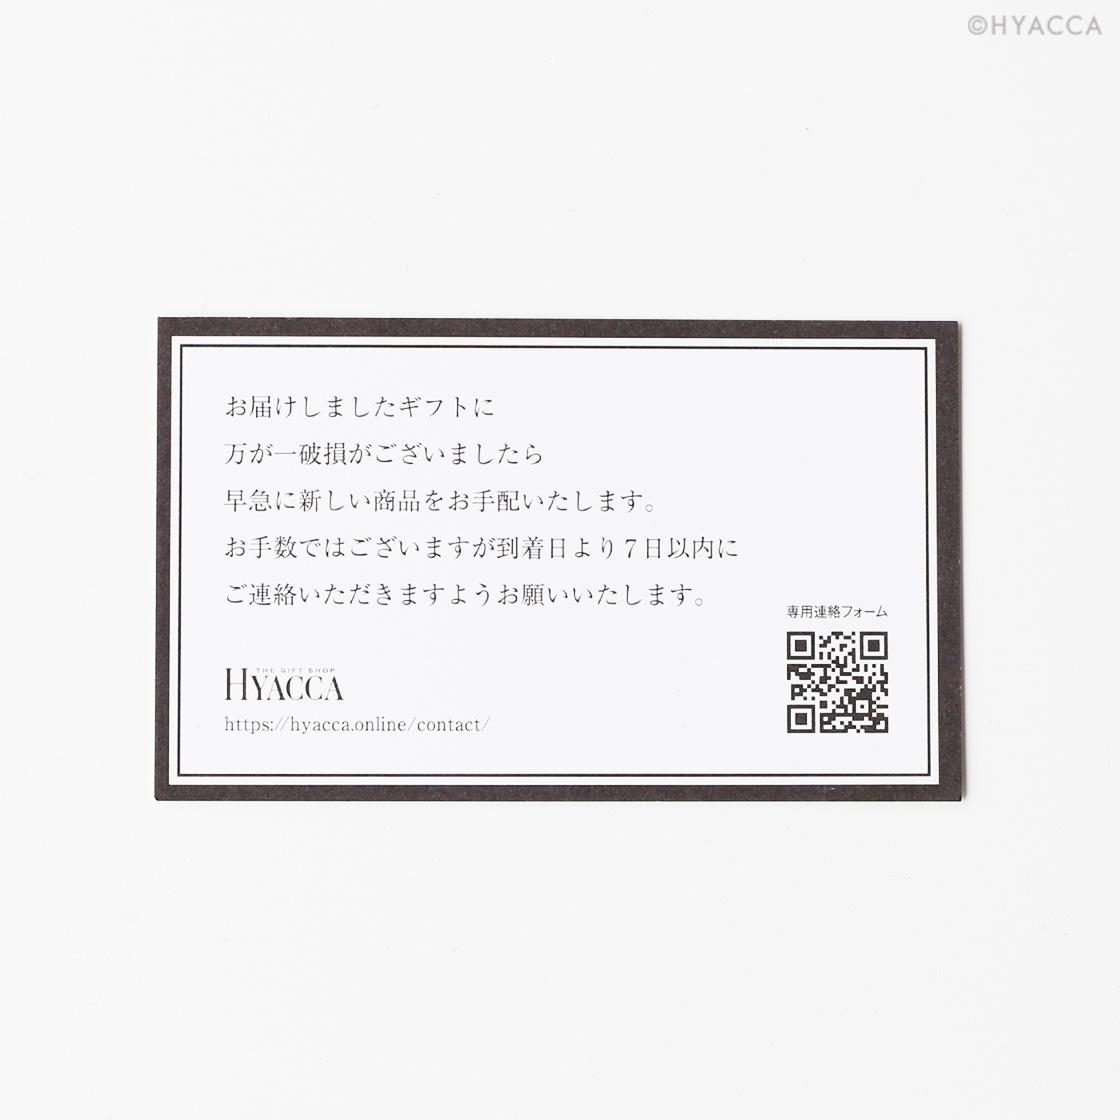 カタログギフト/ヴァンウエスト/オランジュ+引き菓子+プラス1品 28